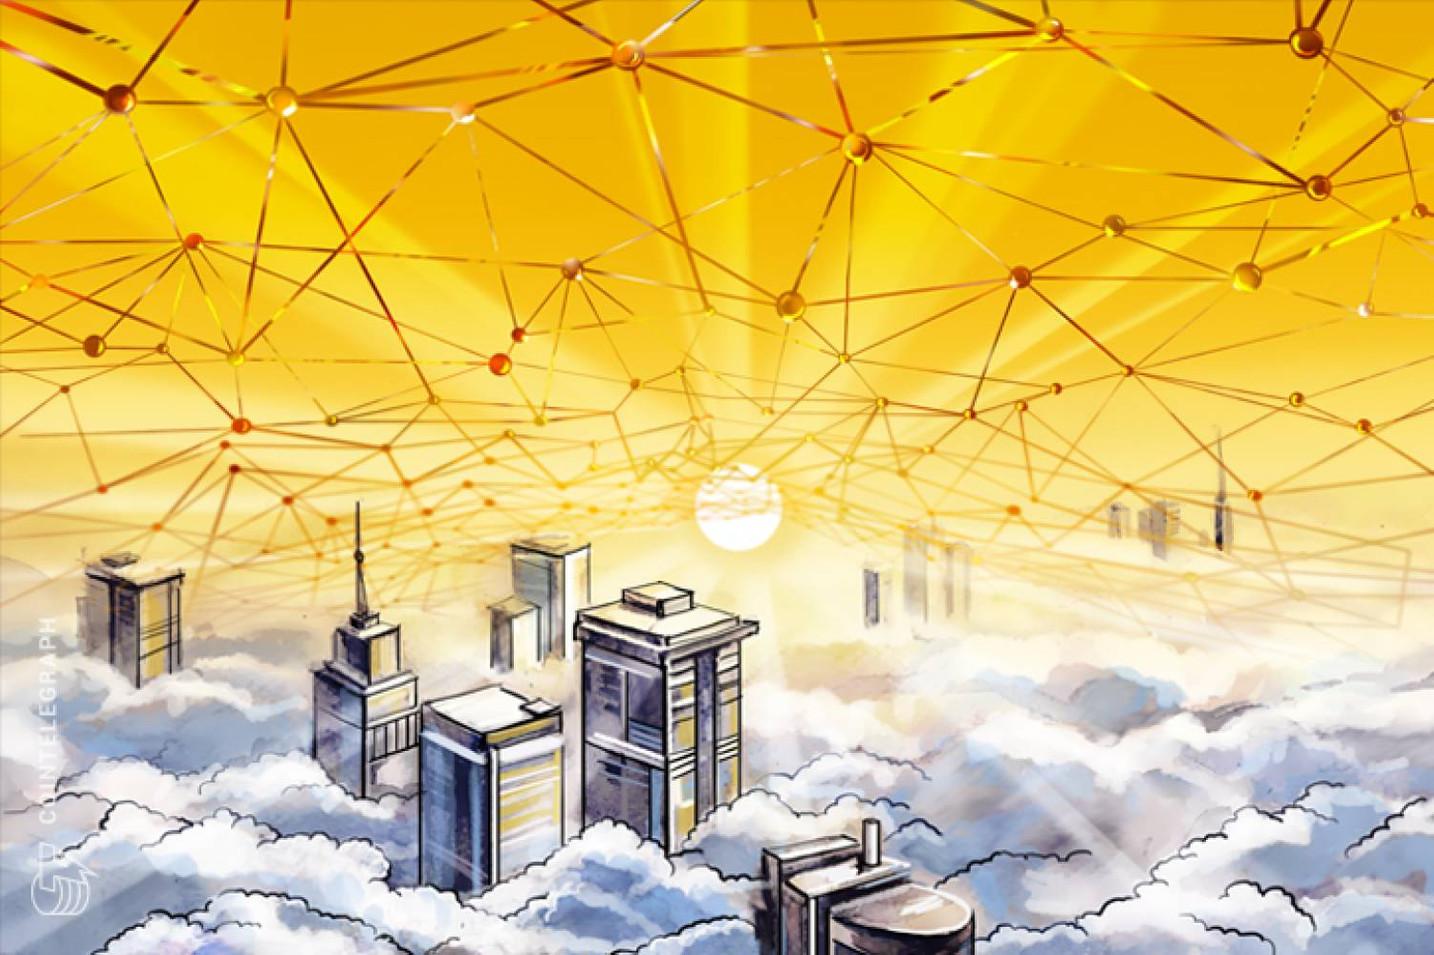 Commerzbank integriert Blockchain-Plattform Corda mit SAP-Software